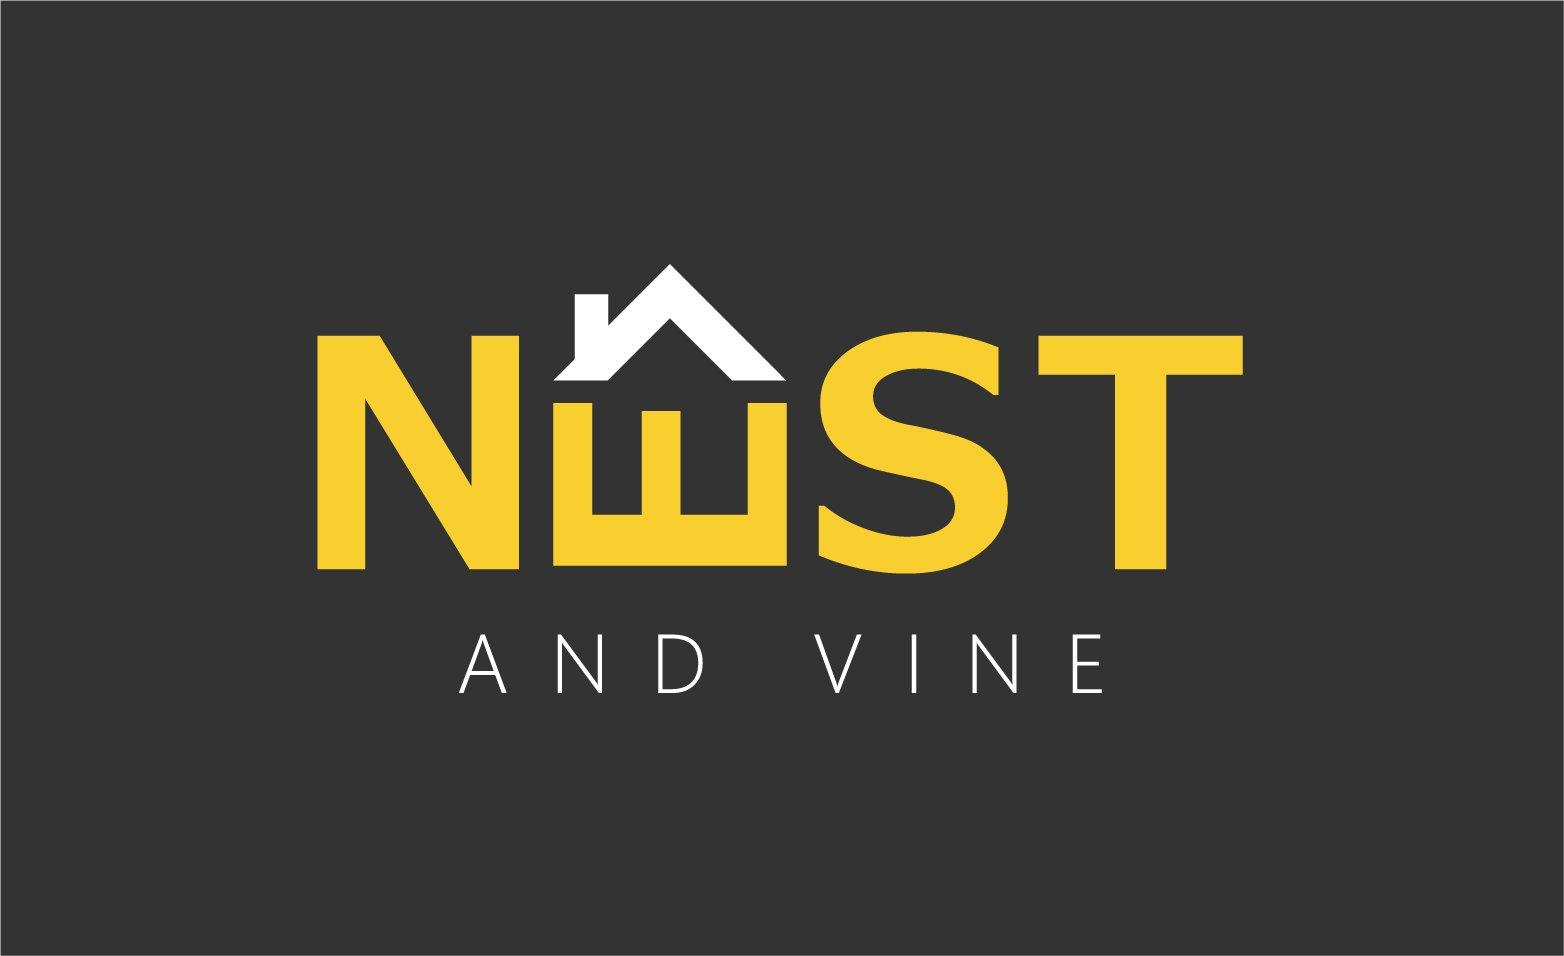 NestandVine.com